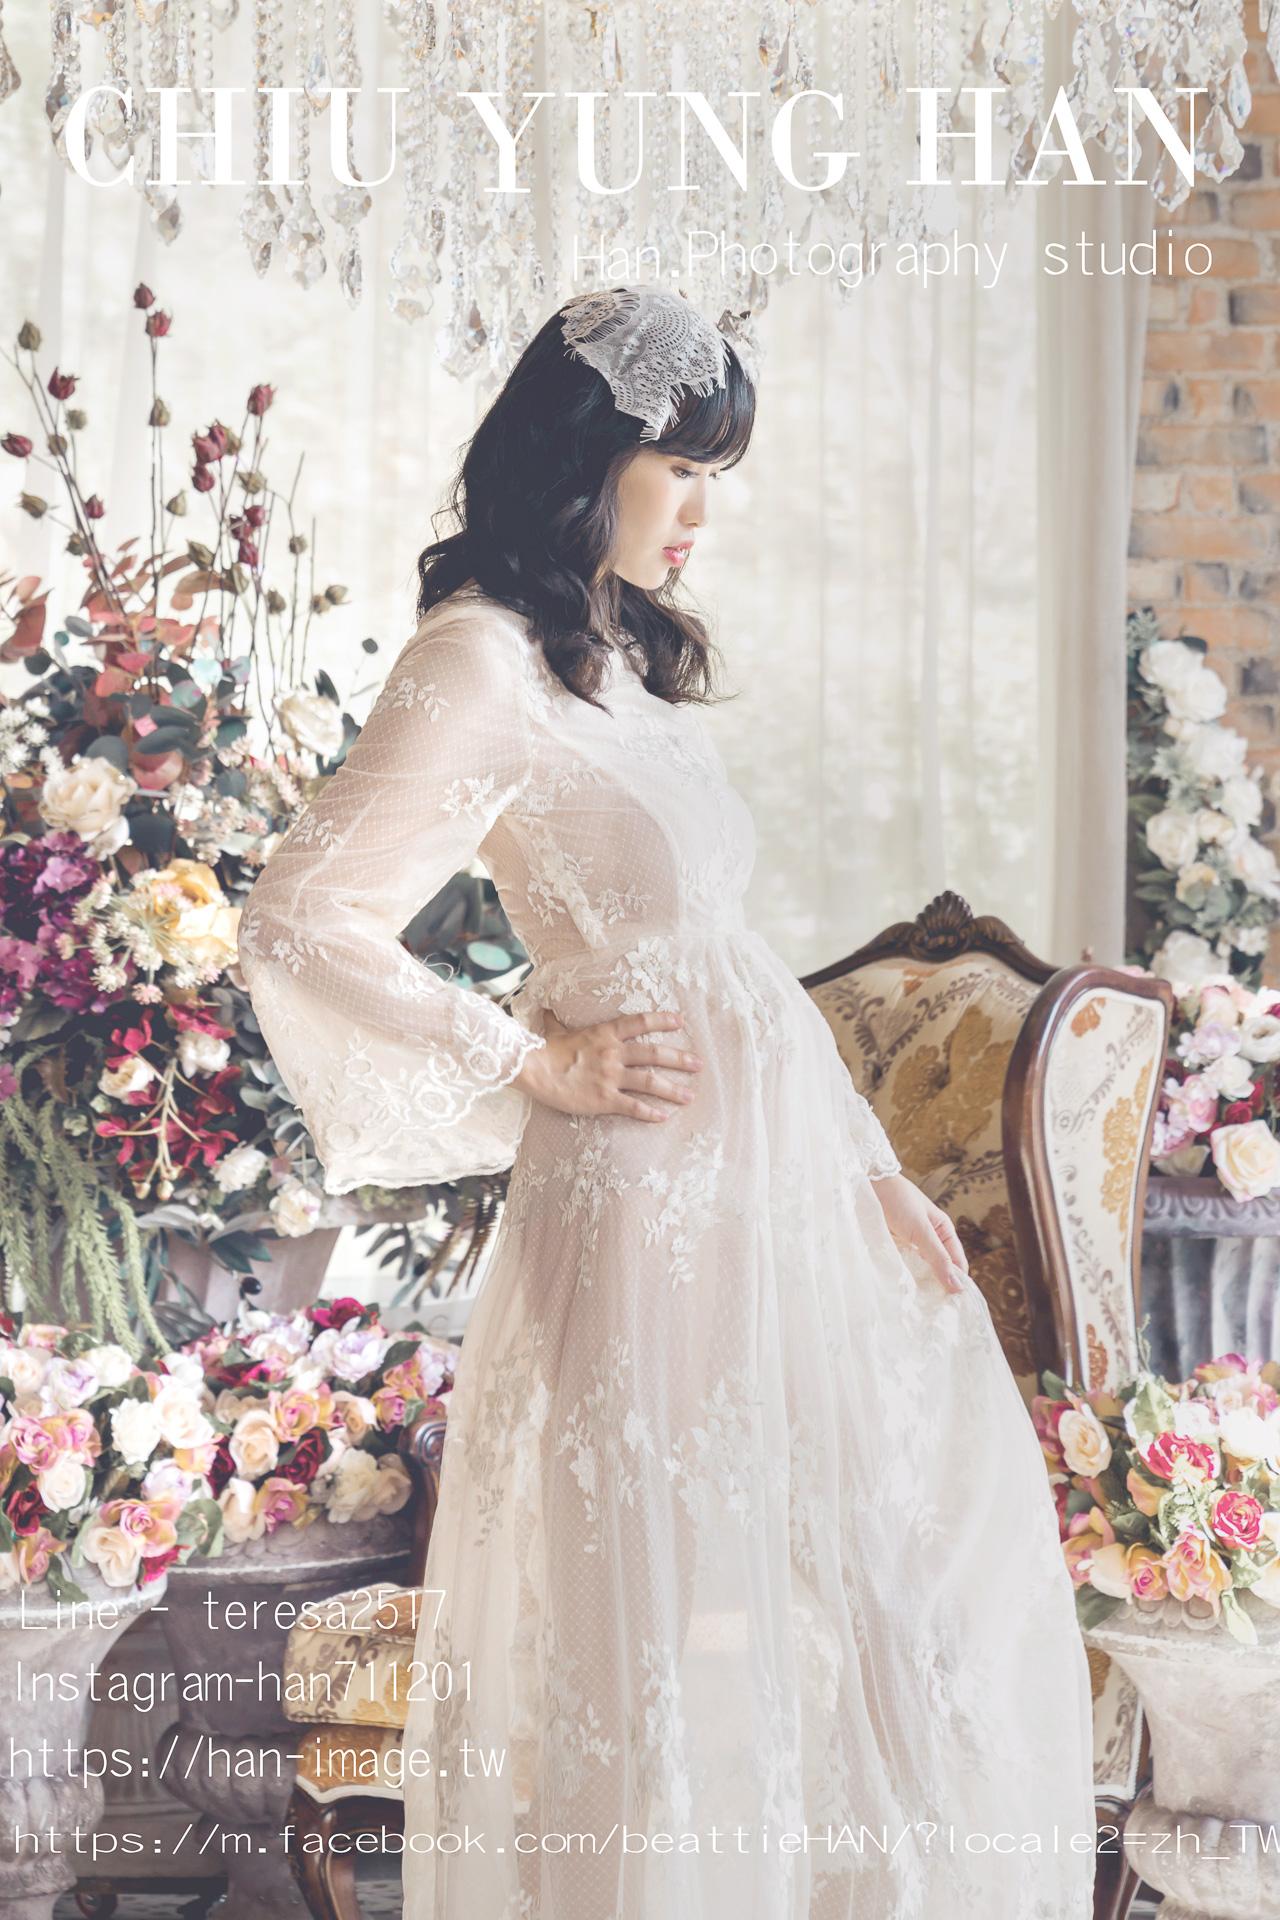 台中孕婦寫真,唯美、個性、時尚、性感,多變的孕婦寫真讓您一次擁有,孕期最珍貴的紀念,Han婚紗影像工作室